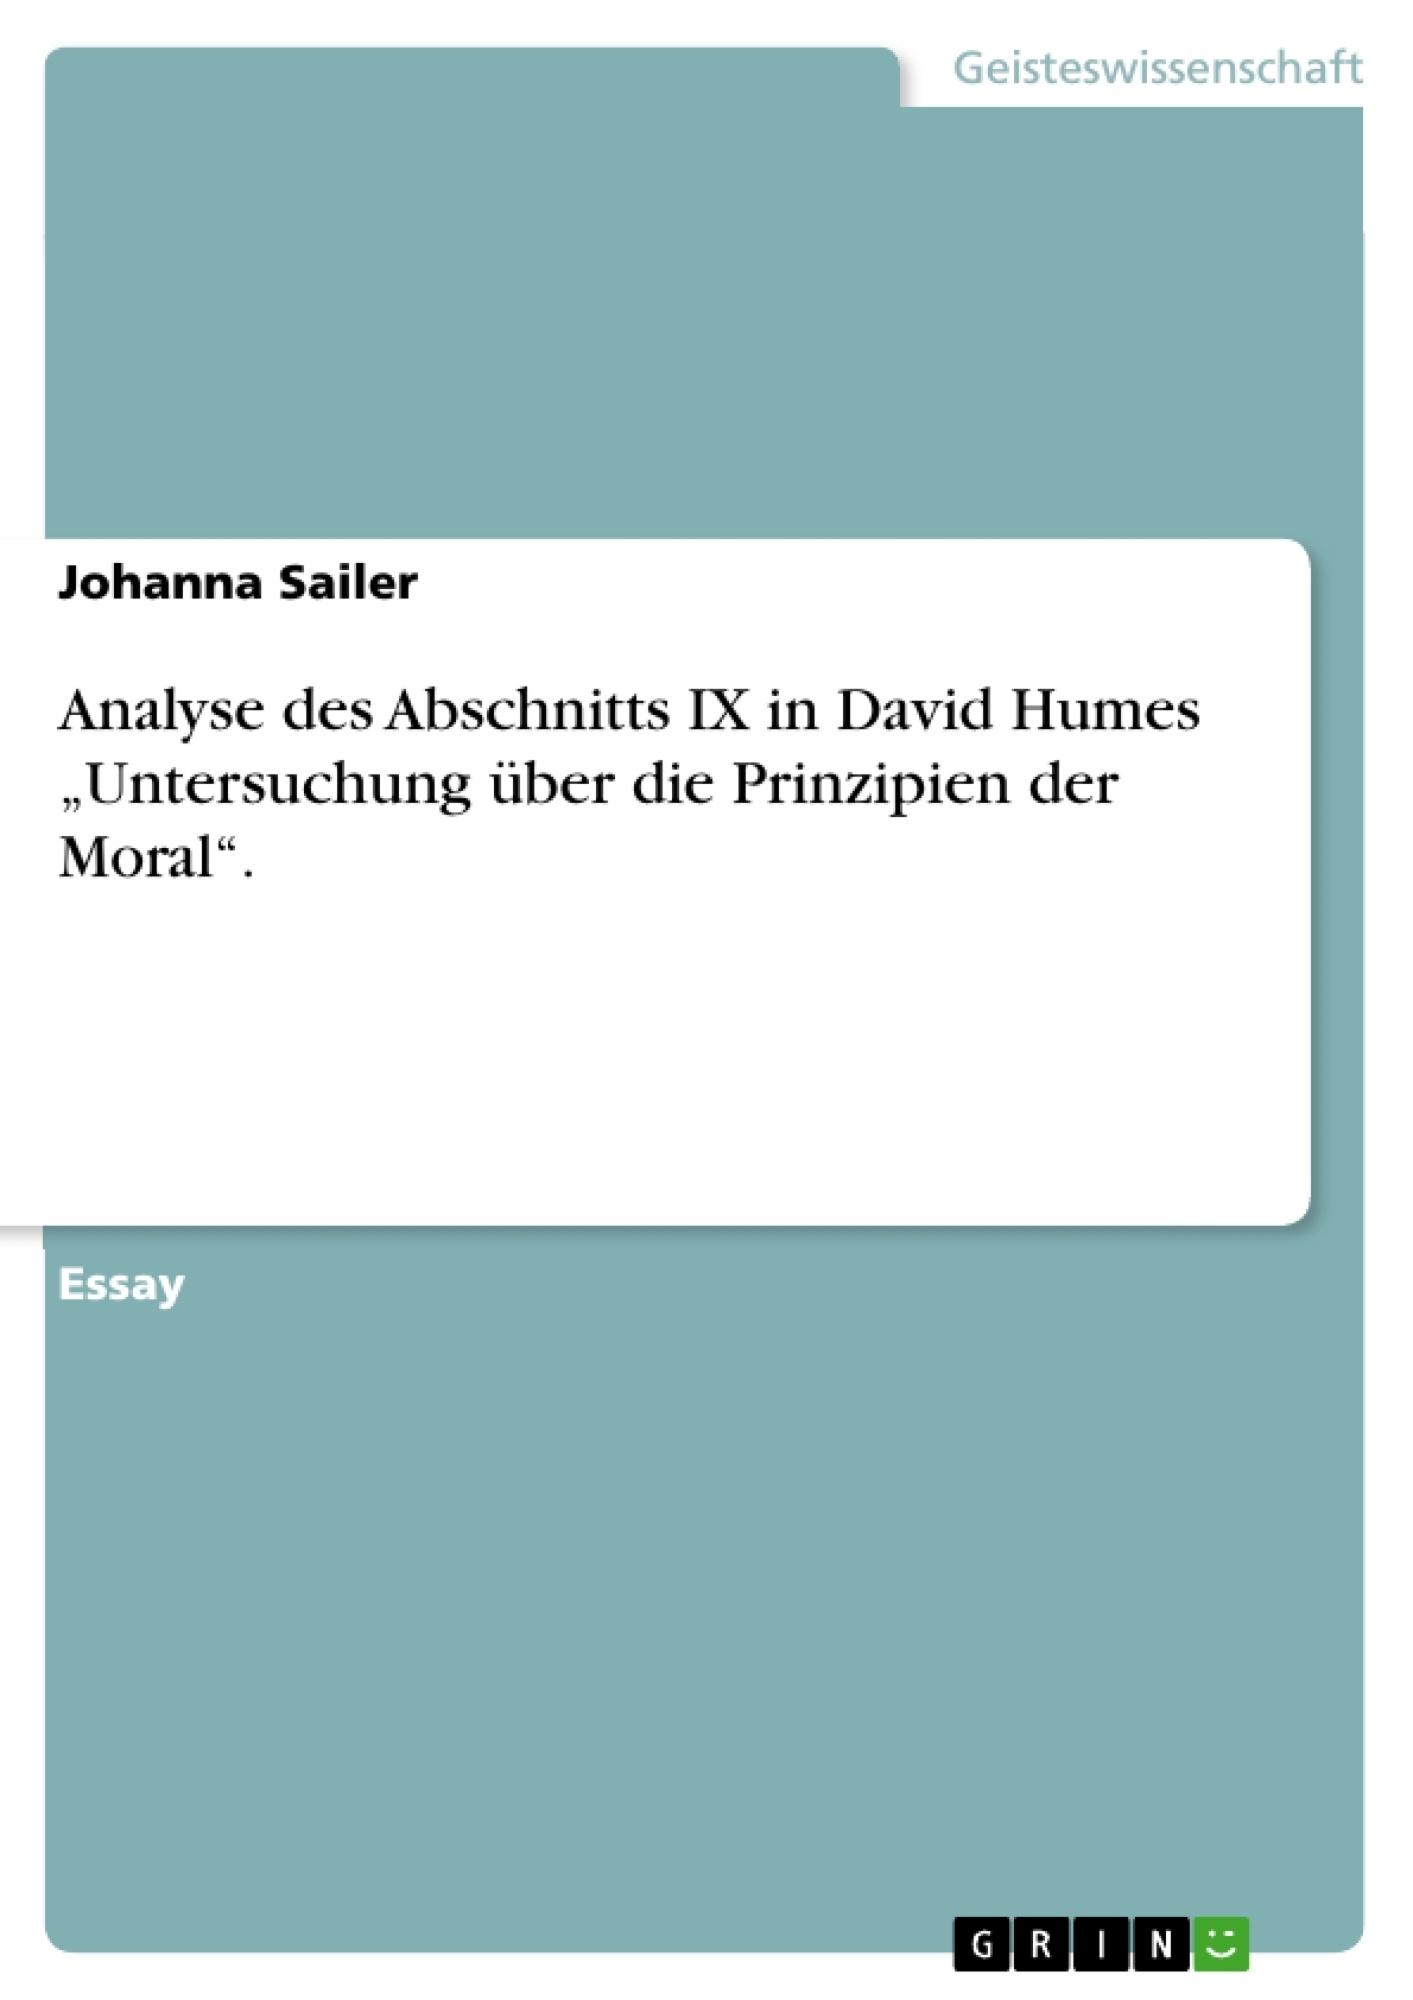 """Titel: Analyse des Abschnitts IX in David Humes """"Untersuchung über die Prinzipien der Moral""""."""